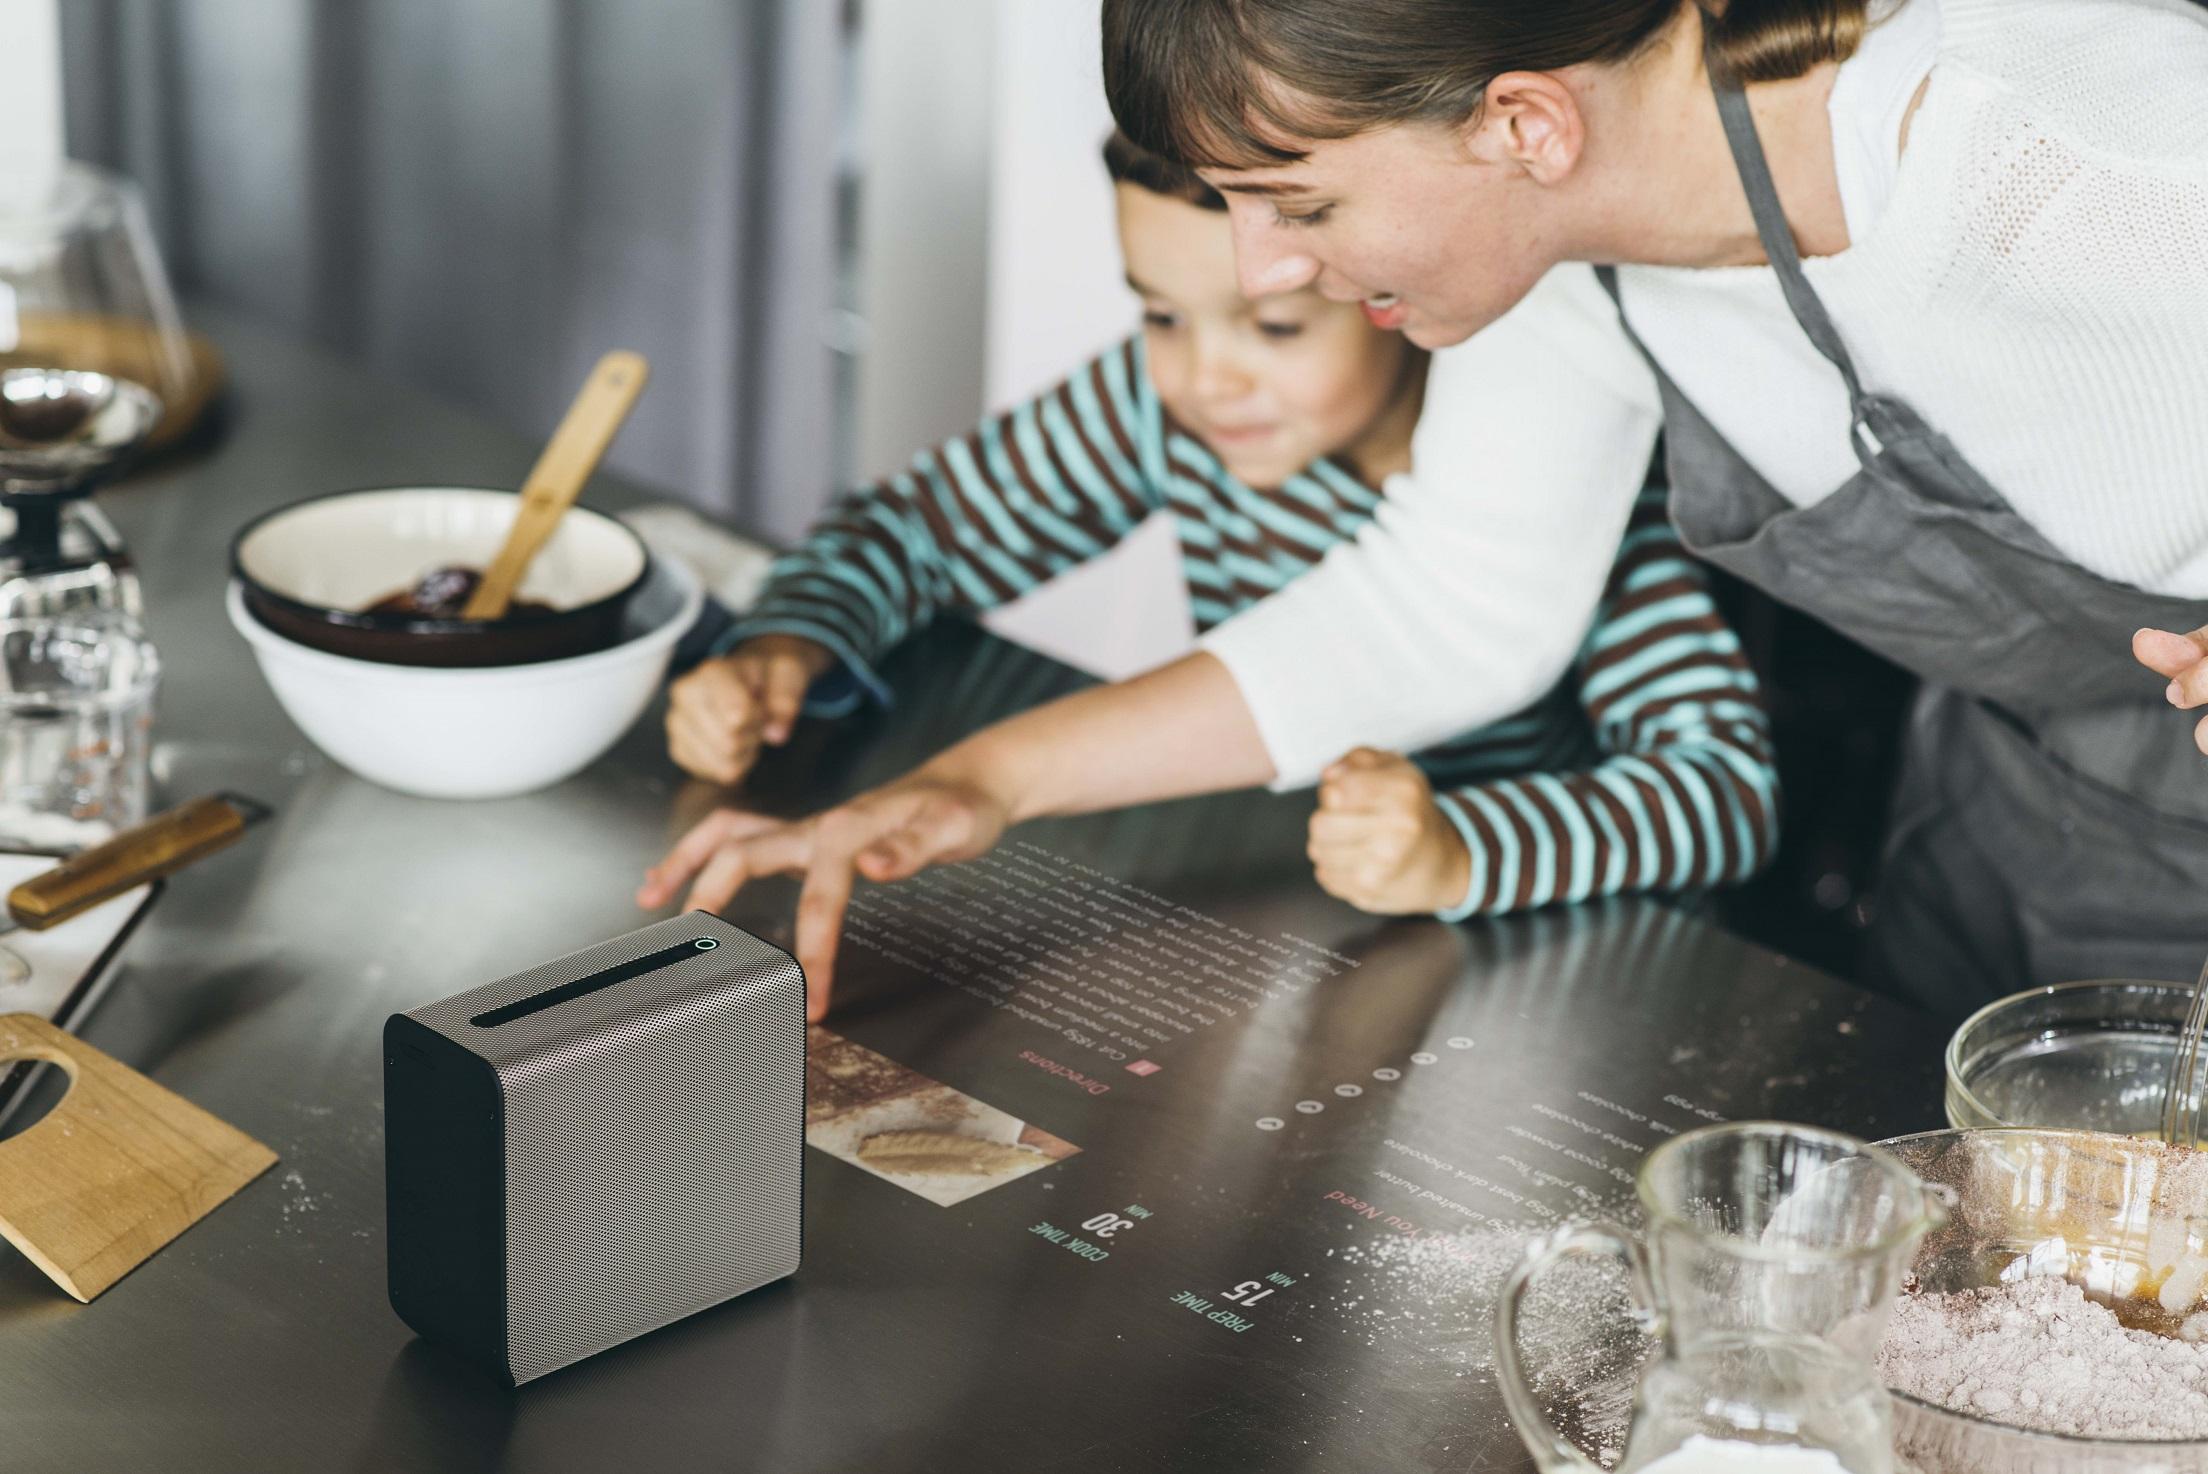 Xperia_Touch_Kitchen